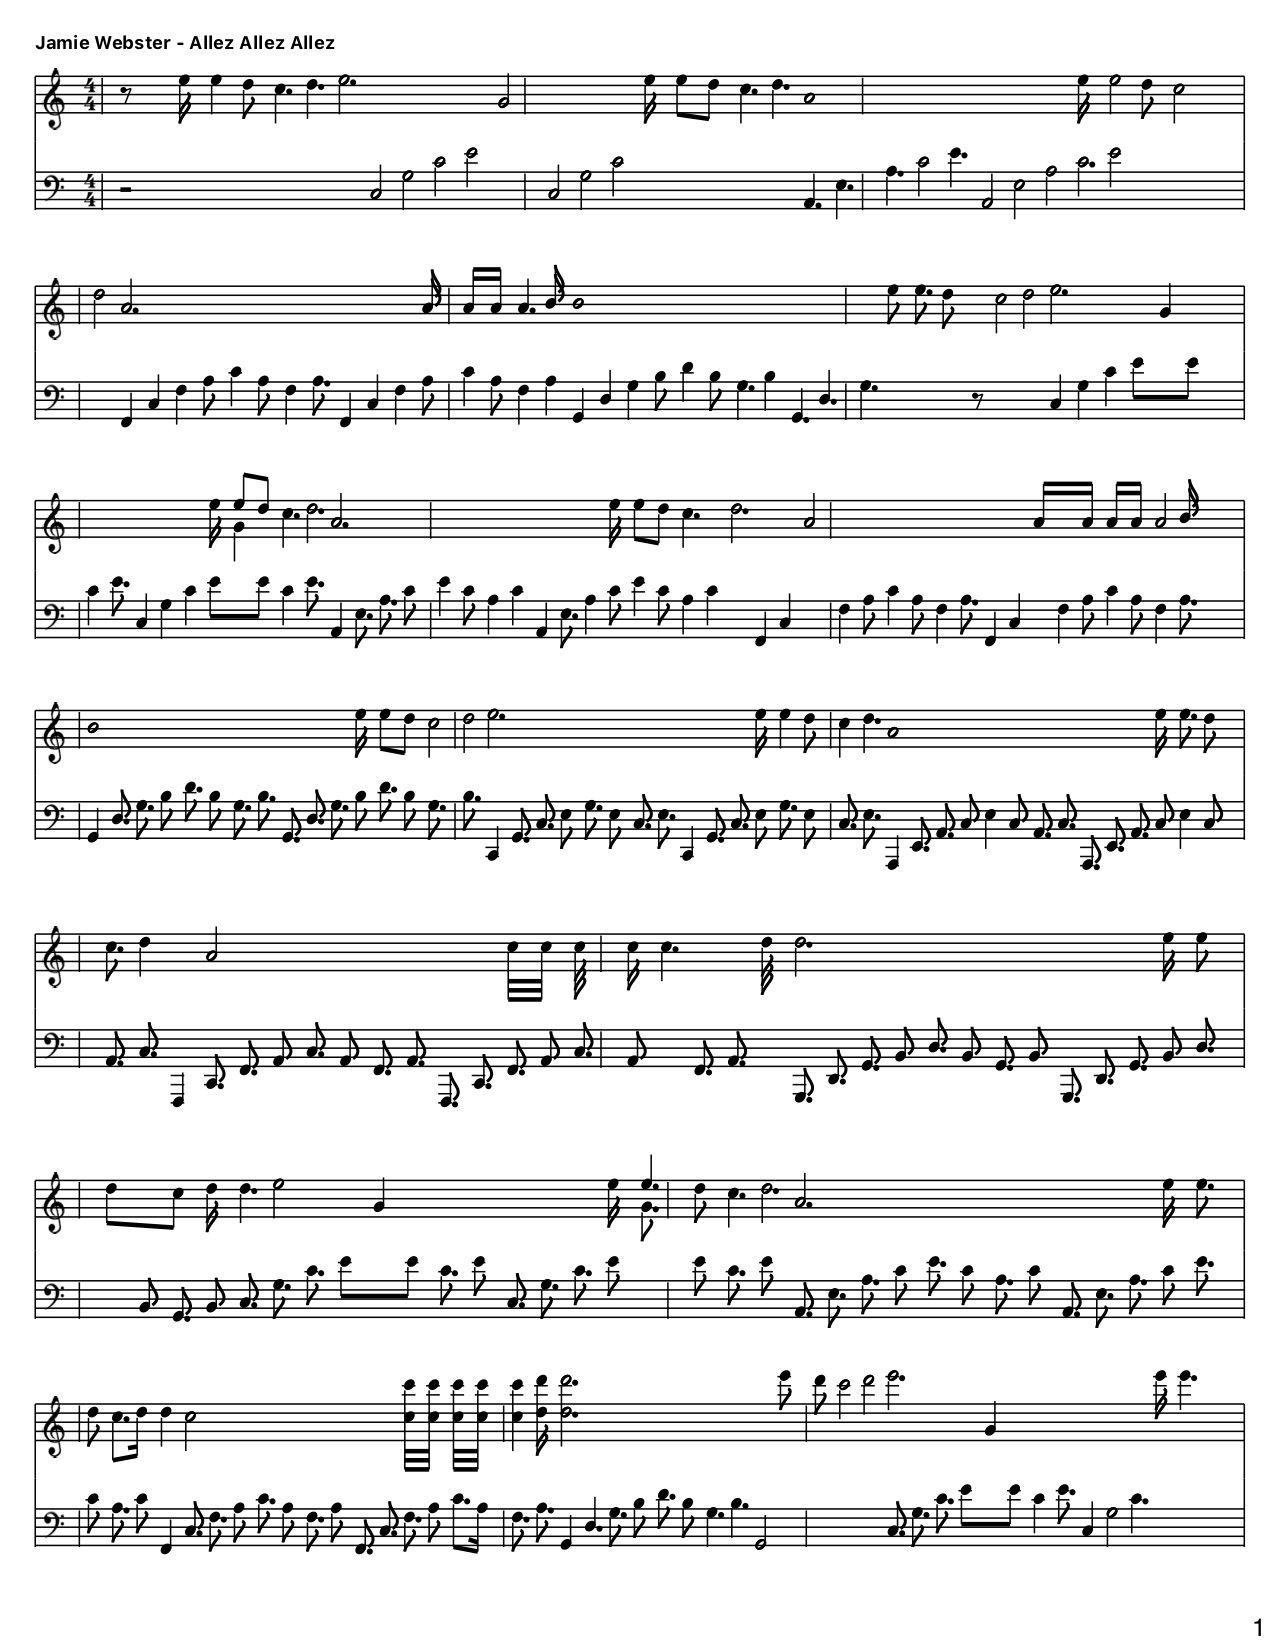 Pin By Joe Burhess On Sheet Music In 2020 Sheet Music Piano Tutorial Piano